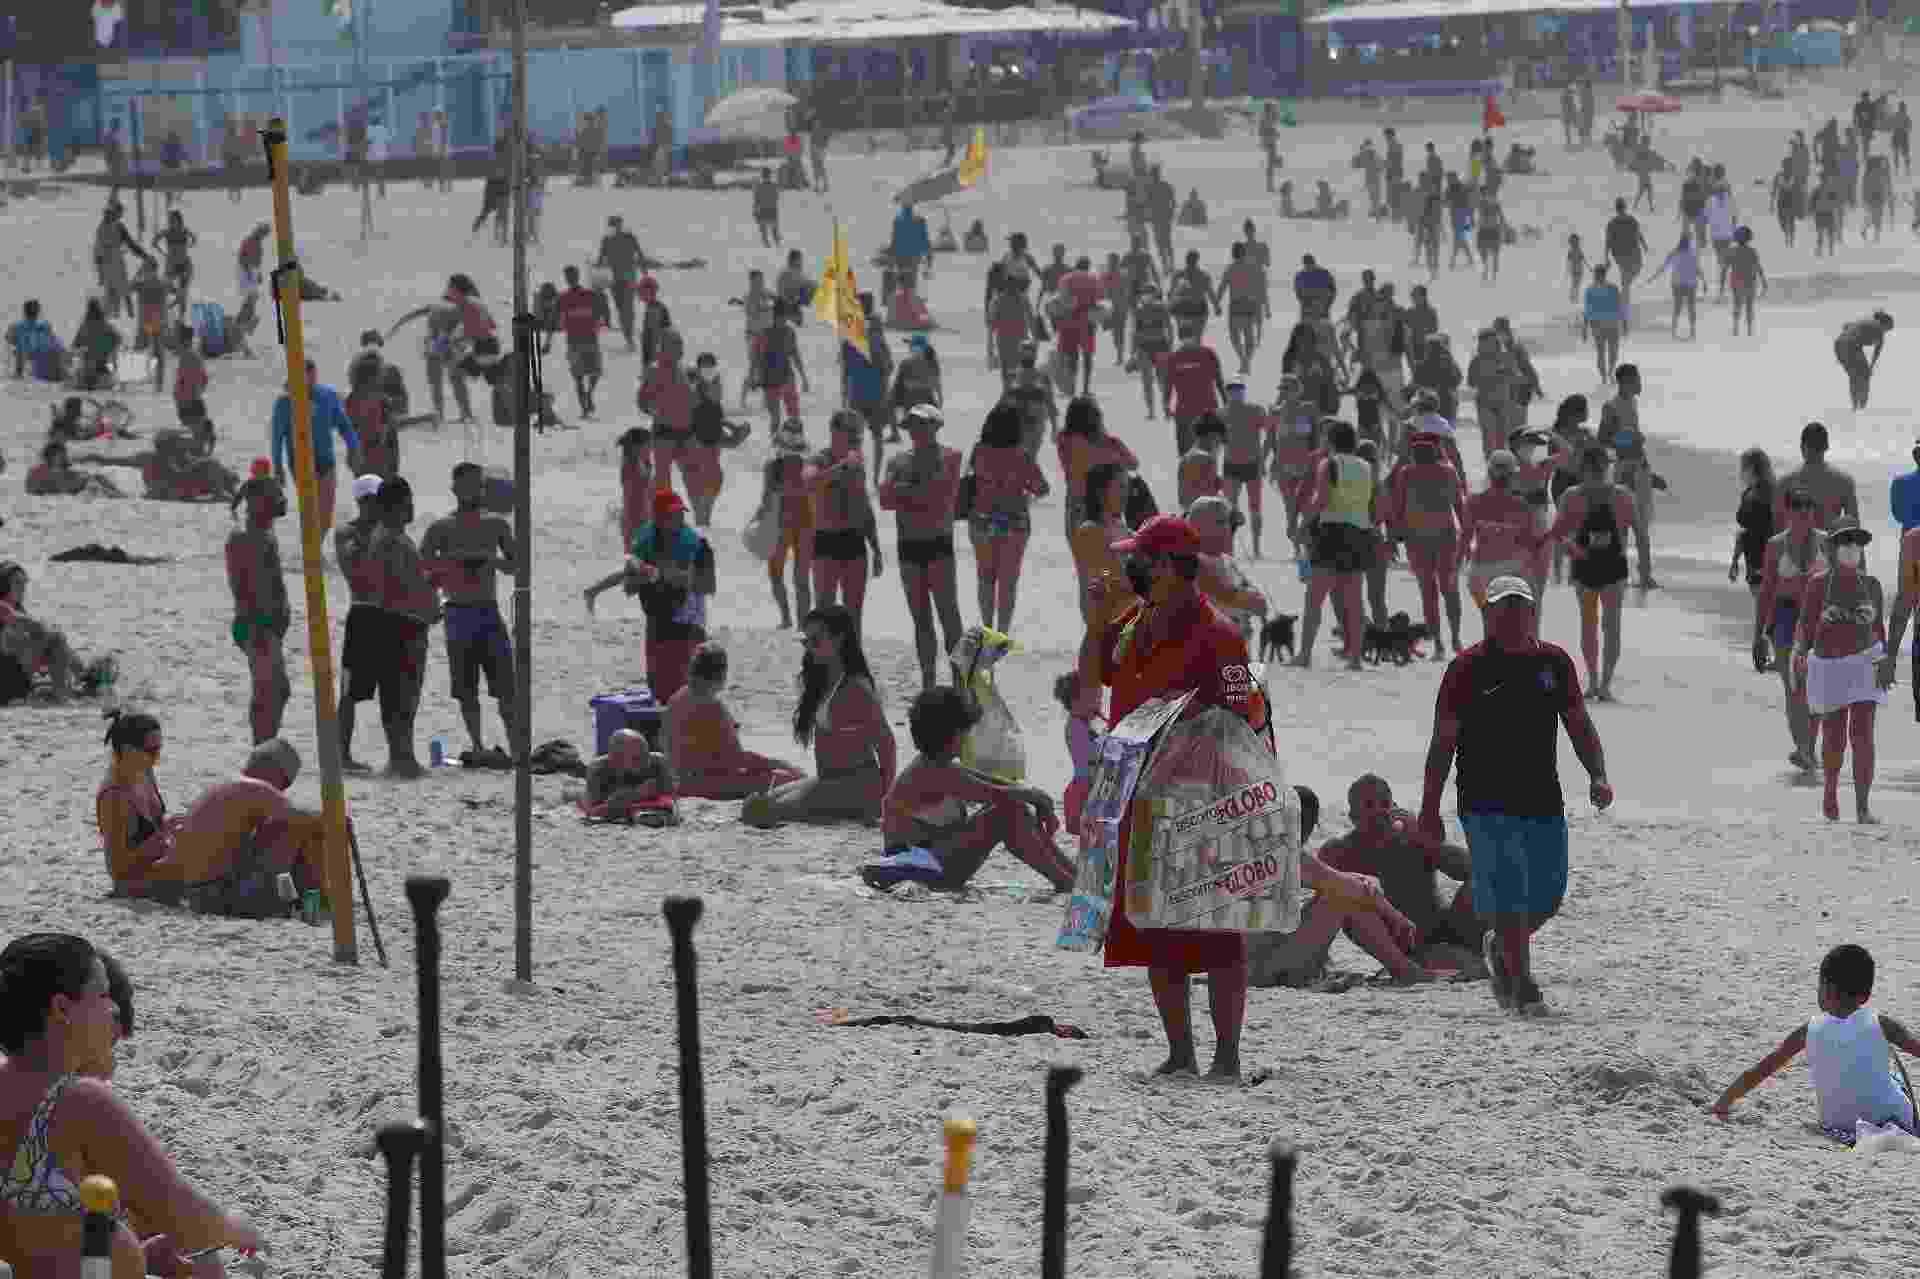 Movimentação de banhistas na praia de Copacabana, zona sul do Rio de Janeiro, neste domingo (18) - Reginaldo Pimenta/Estadão Conteúdo